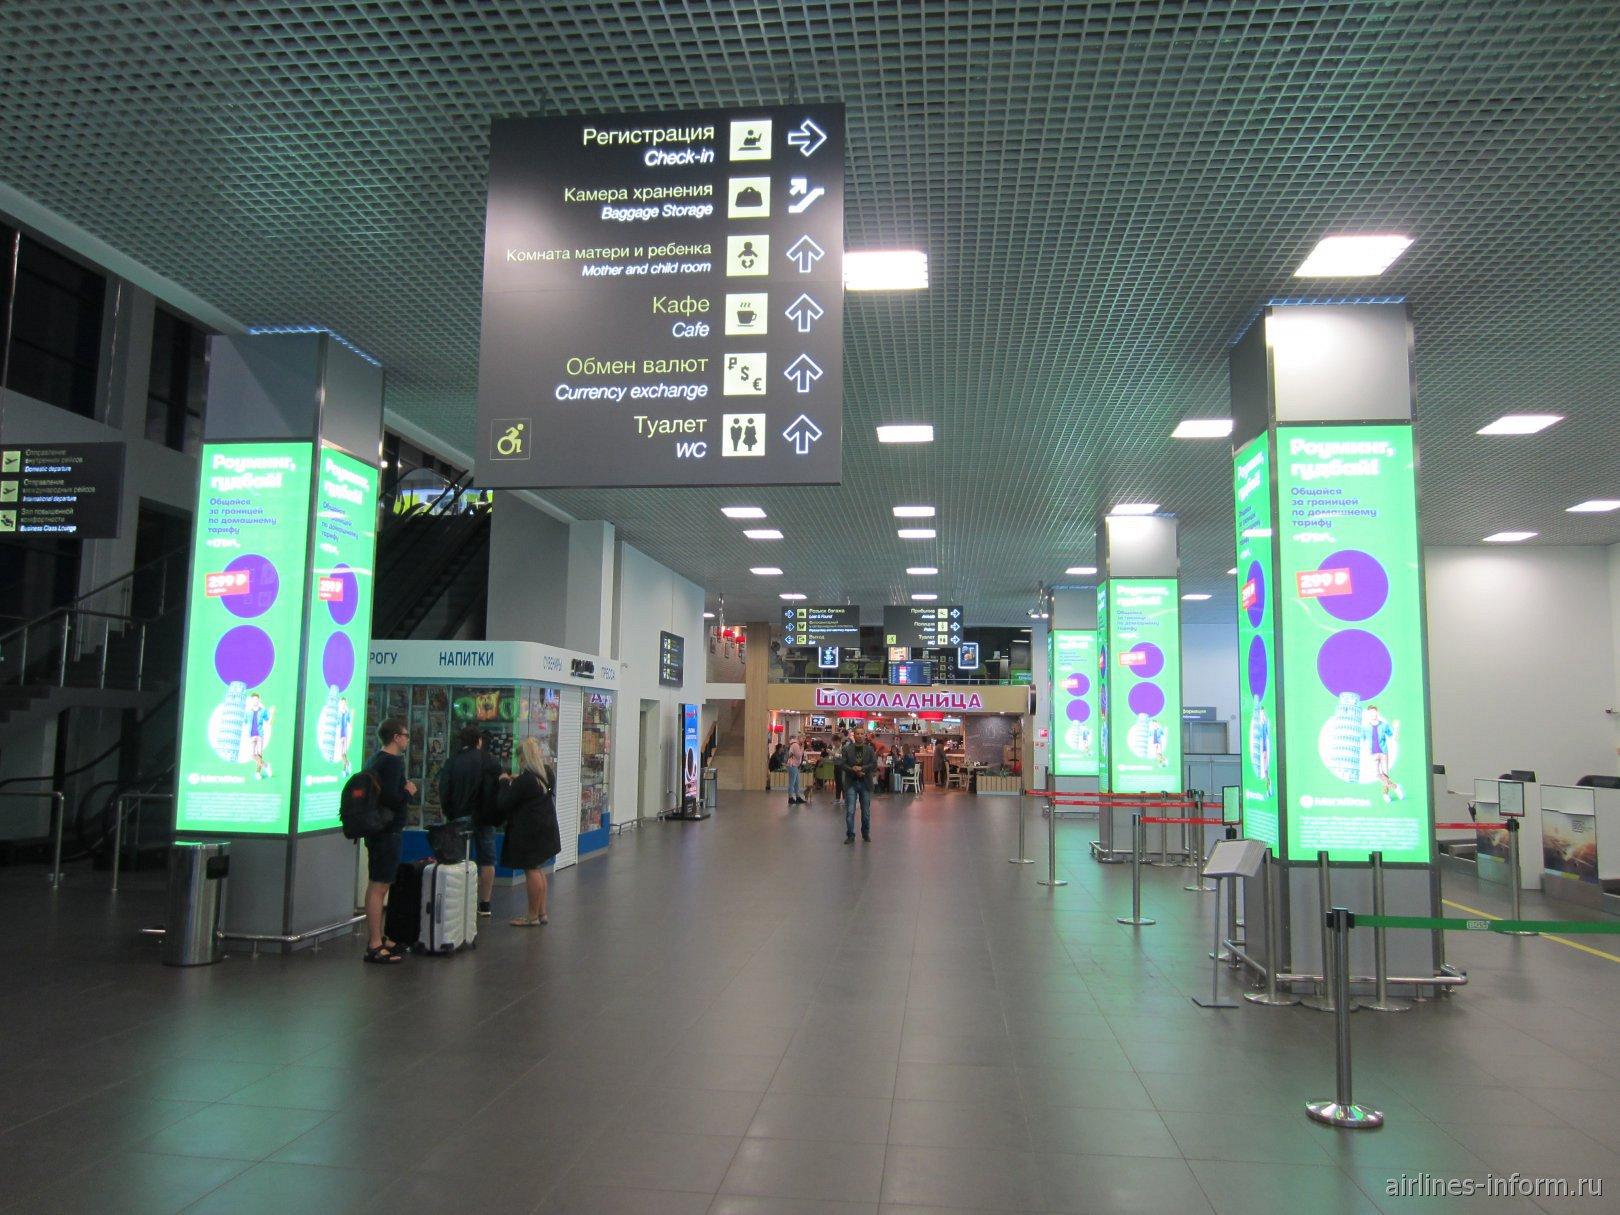 В пассажирском терминале аэропорта Жуковский